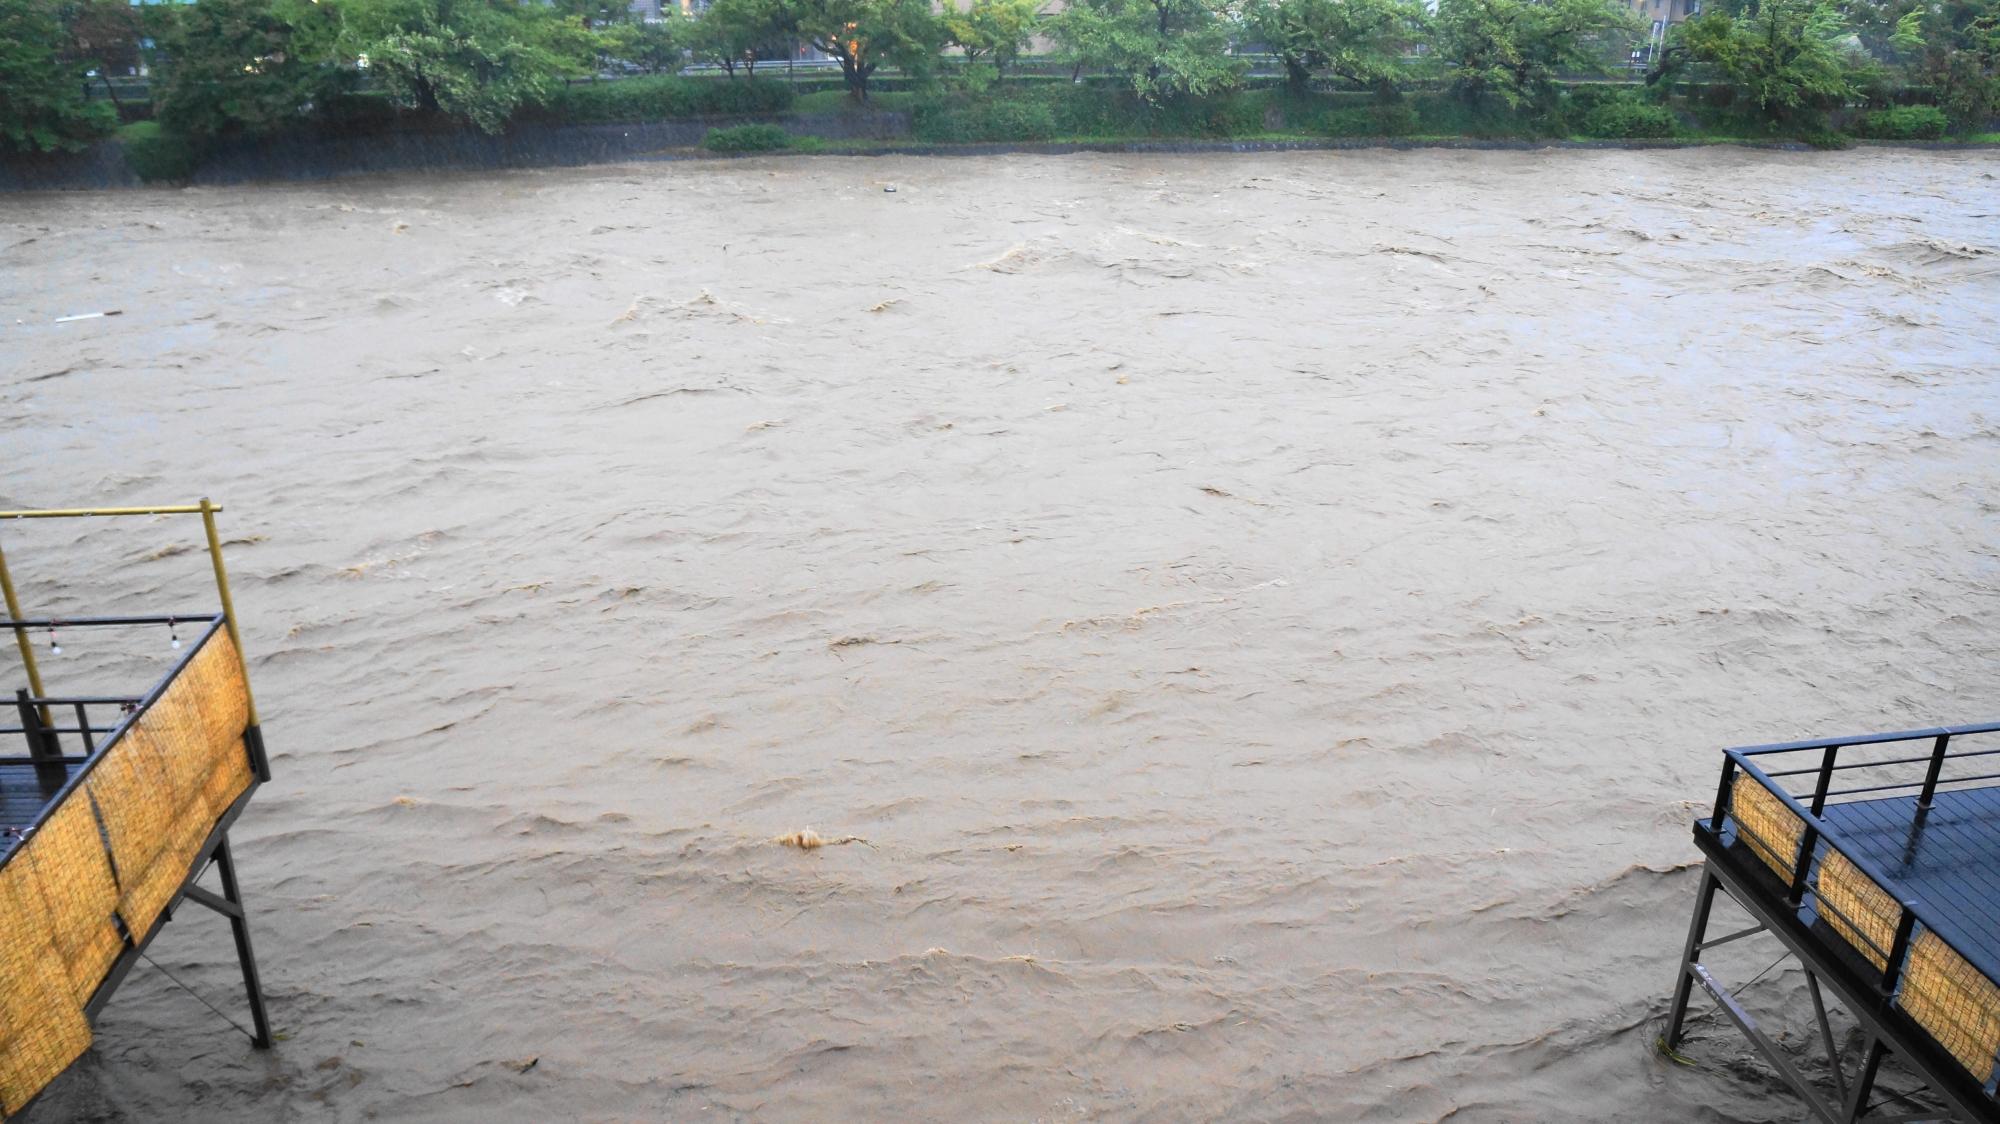 普段の穏やかな鴨川からも想像もつかない危険な光景の鴨川